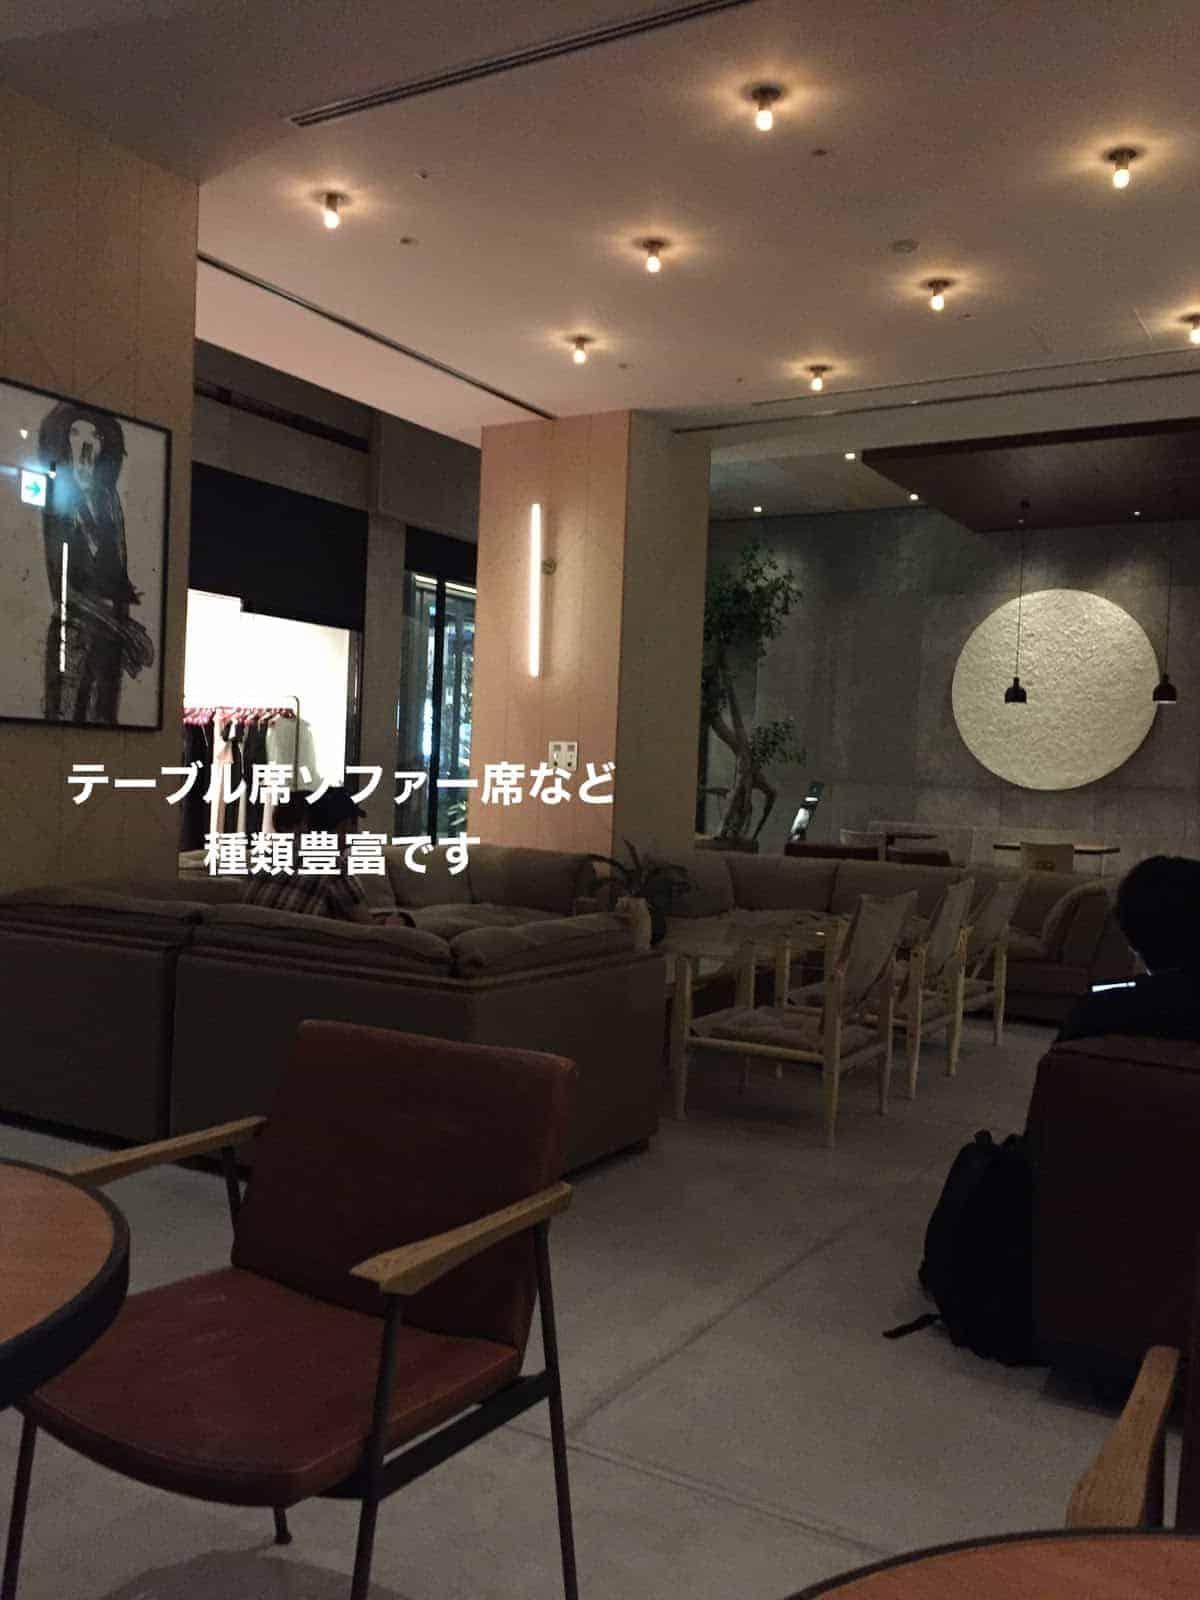 IMG 6904 - 渋谷に社会貢献をコンセプトにしたホテル「トランクホテル」ができたので見に行ってきた。